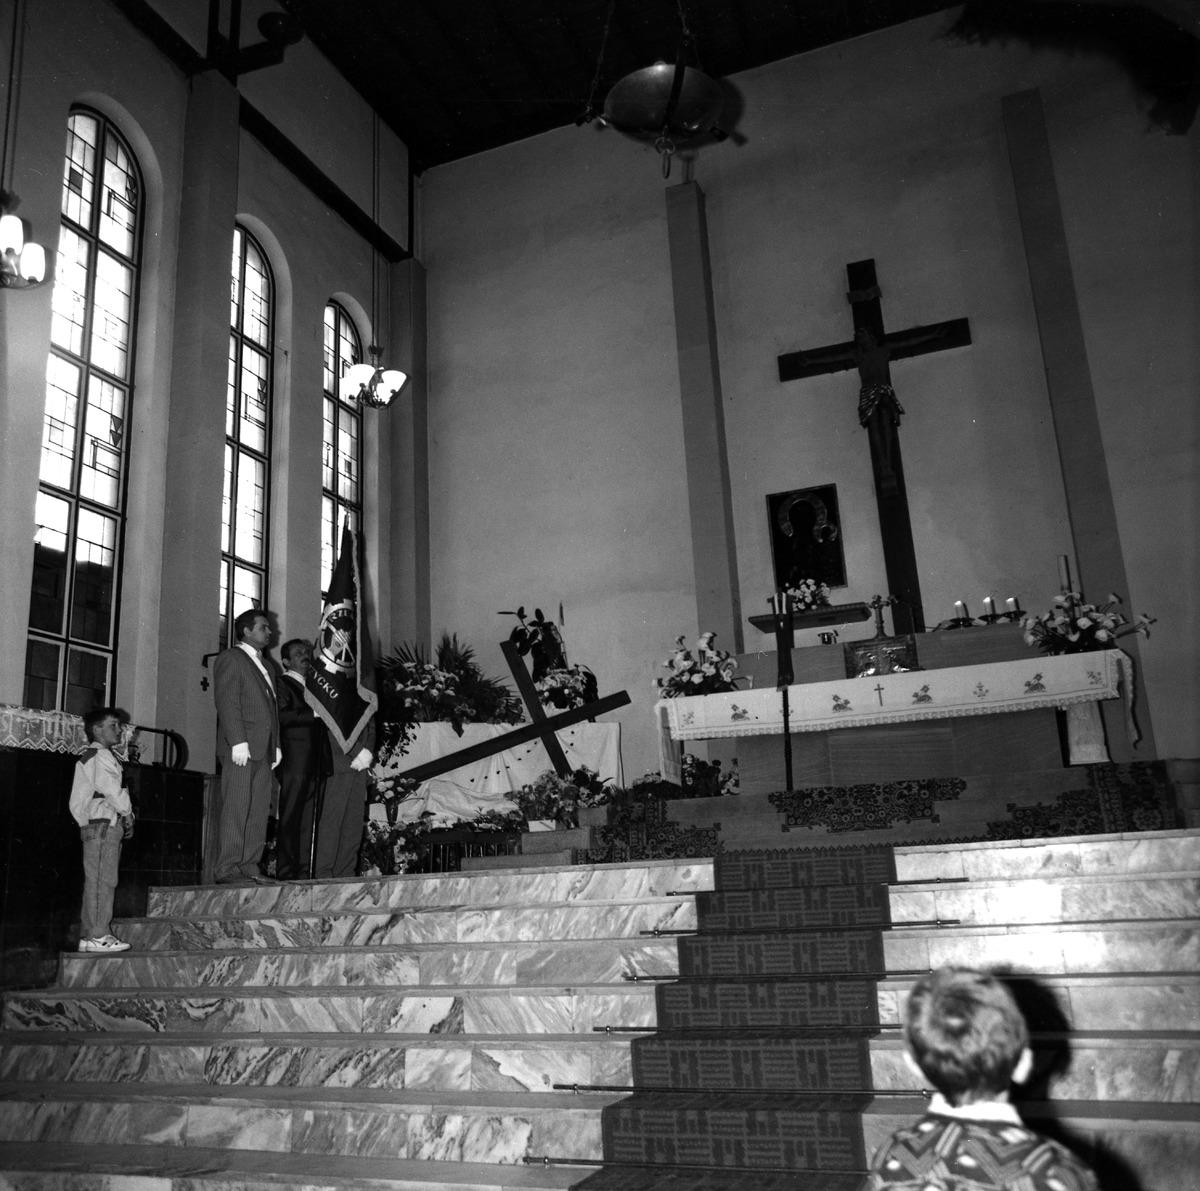 Poświęcenie sztandaru Cechu Rzemiosł Różnych, 1990 r. [4]